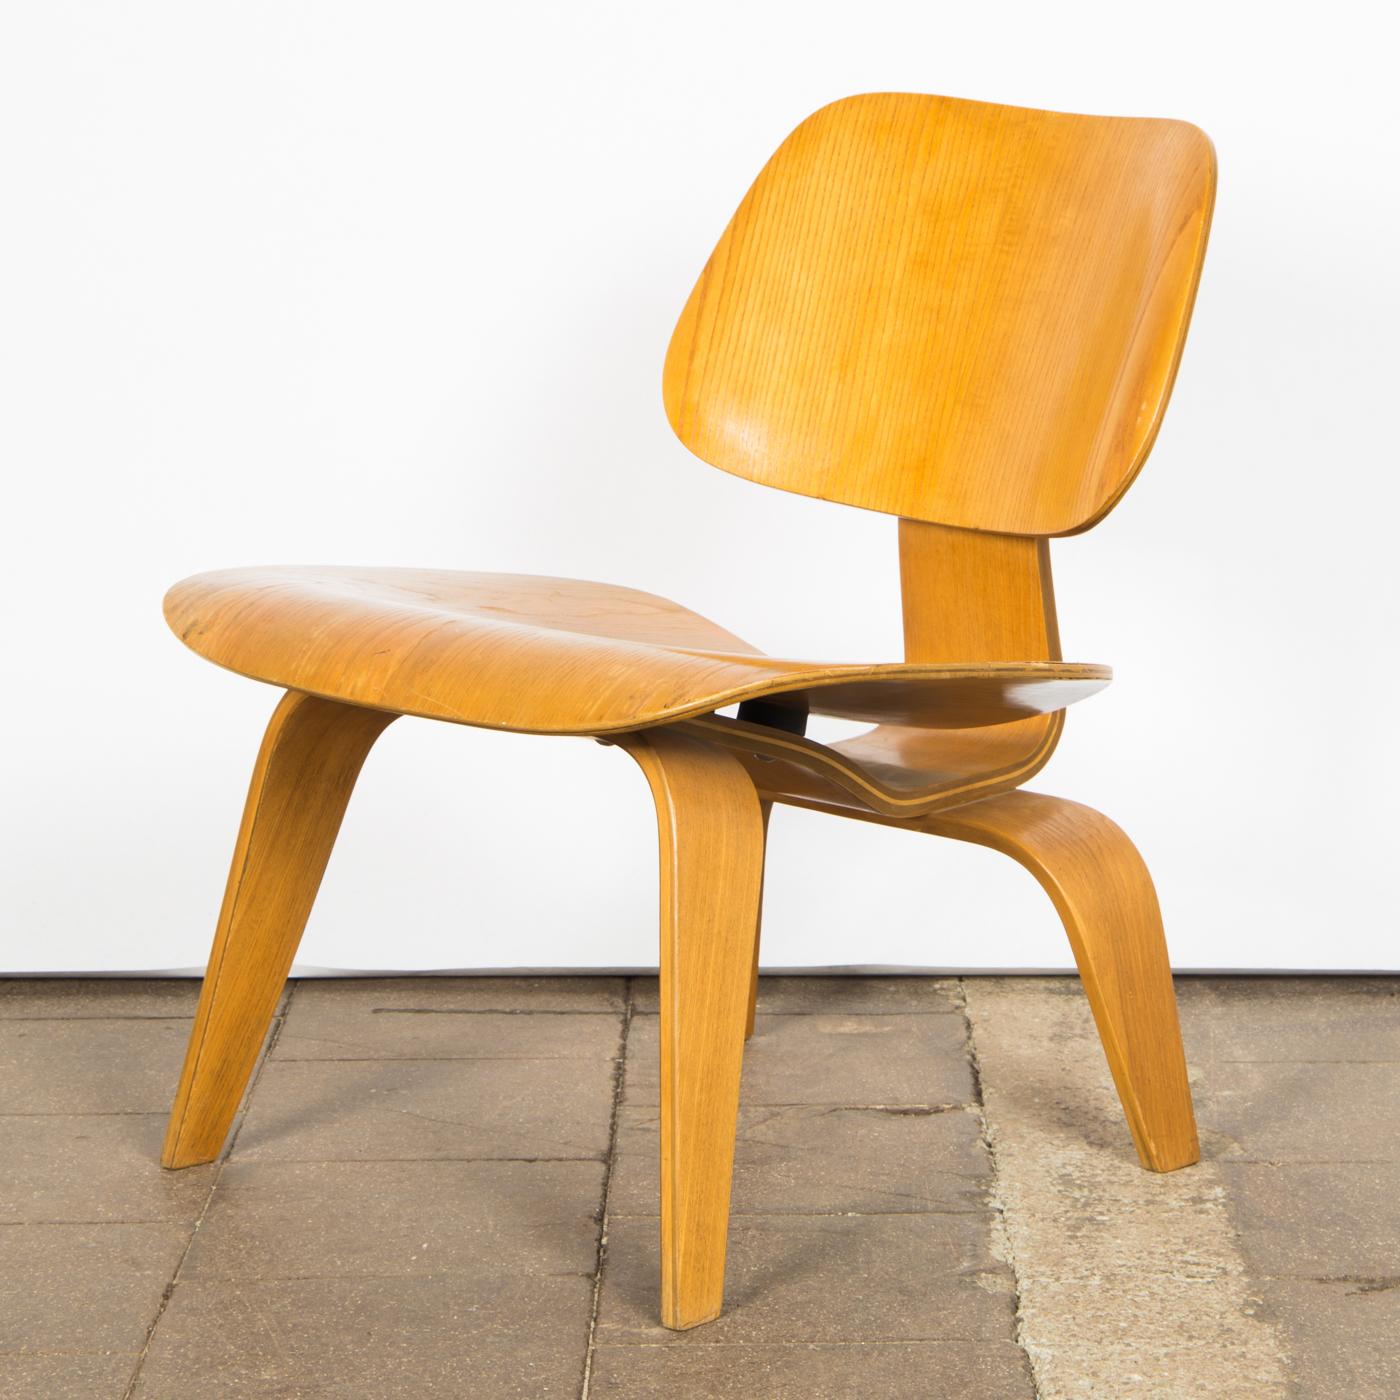 Charles Eames, Stuhl, Modell U0027LCWu0027